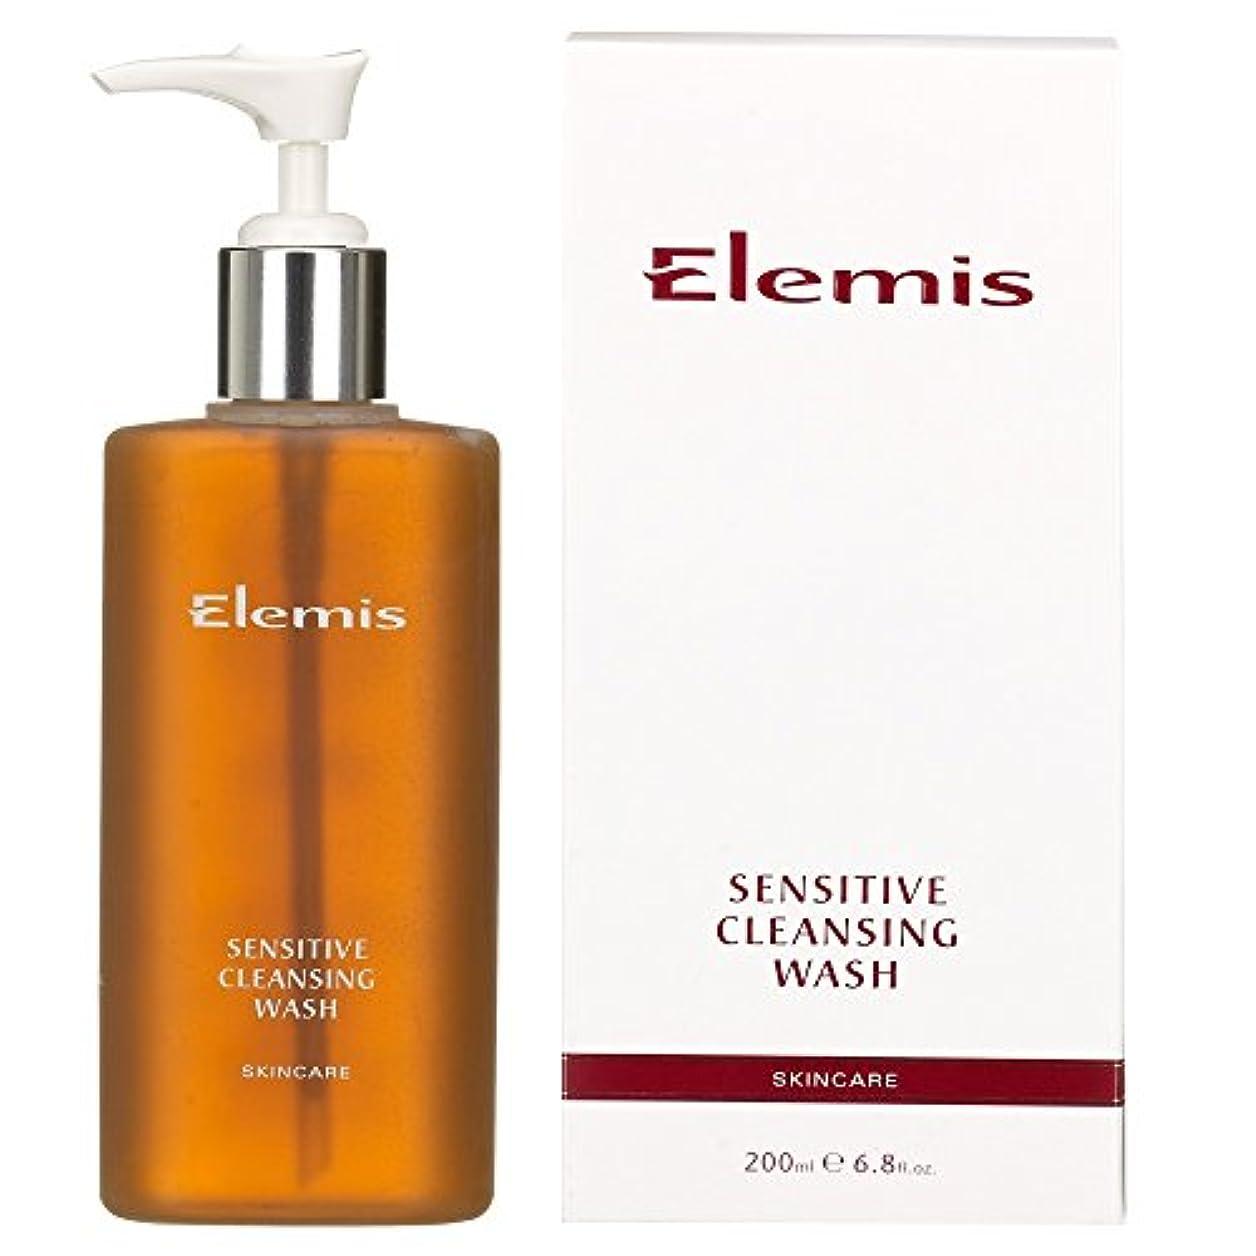 同行する定期的小麦粉エレミスは敏感クレンジングウォッシュをスキンケア (Elemis) (x6) - Elemis Skincare Sensitive Cleansing Wash (Pack of 6) [並行輸入品]